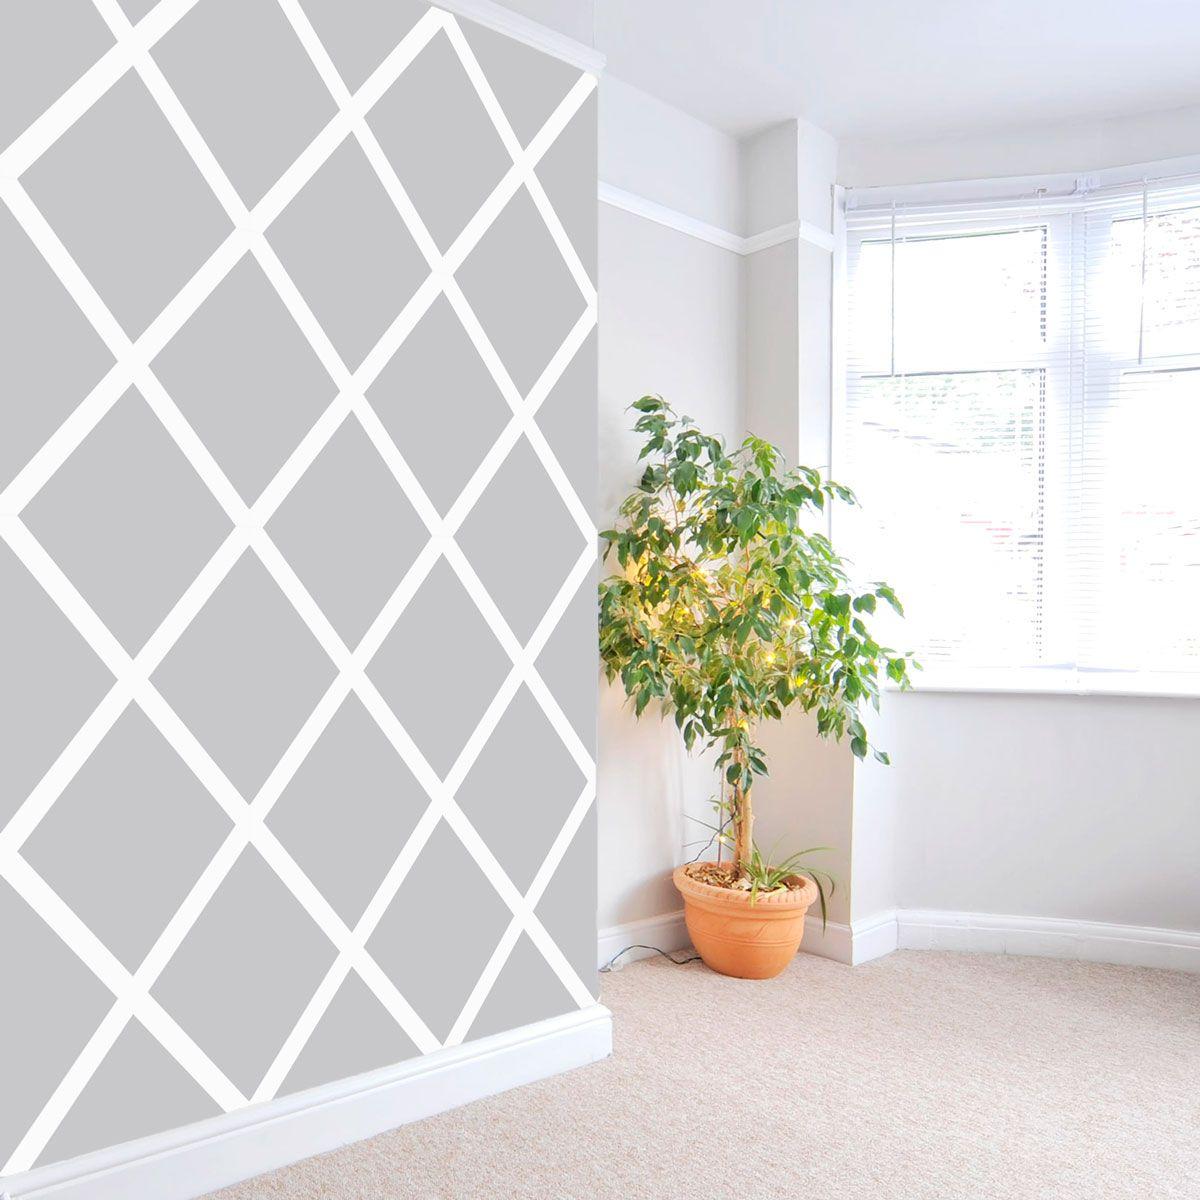 Lattice Removable Wallpaper Tile in 2020 Lattice wall